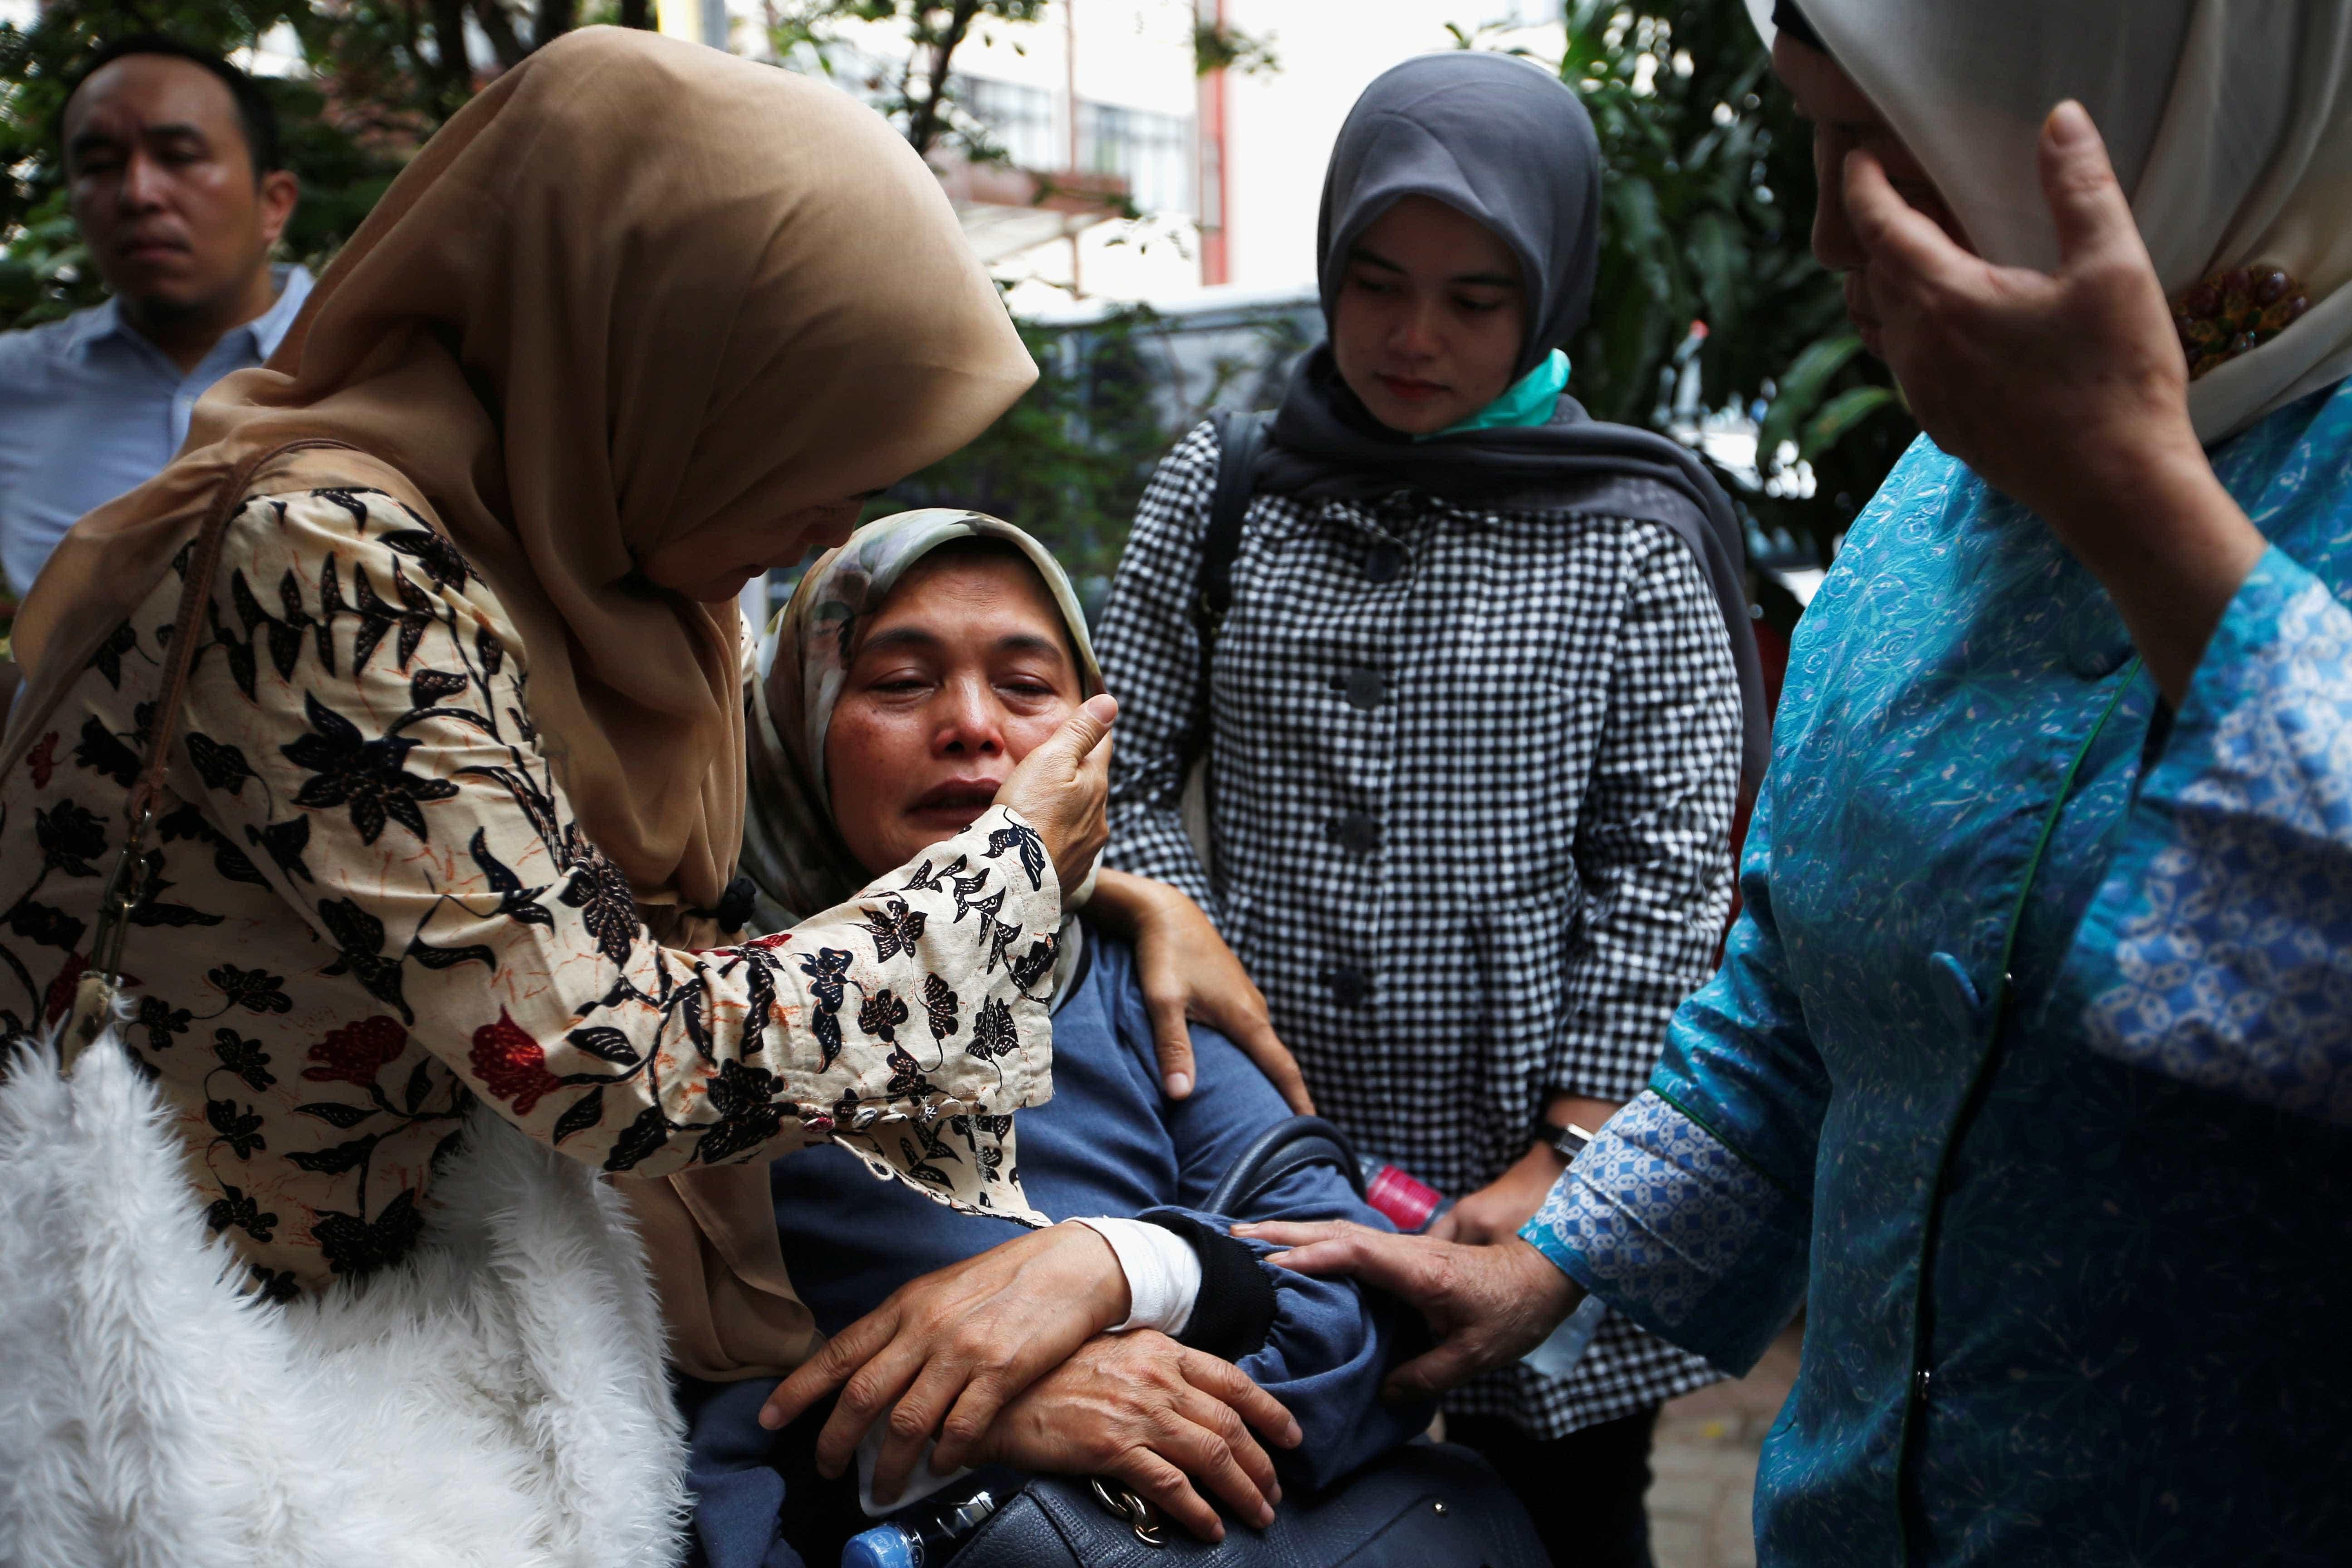 Imagens mostram resgate, luto e dor após tragédia aérea na Indonésia